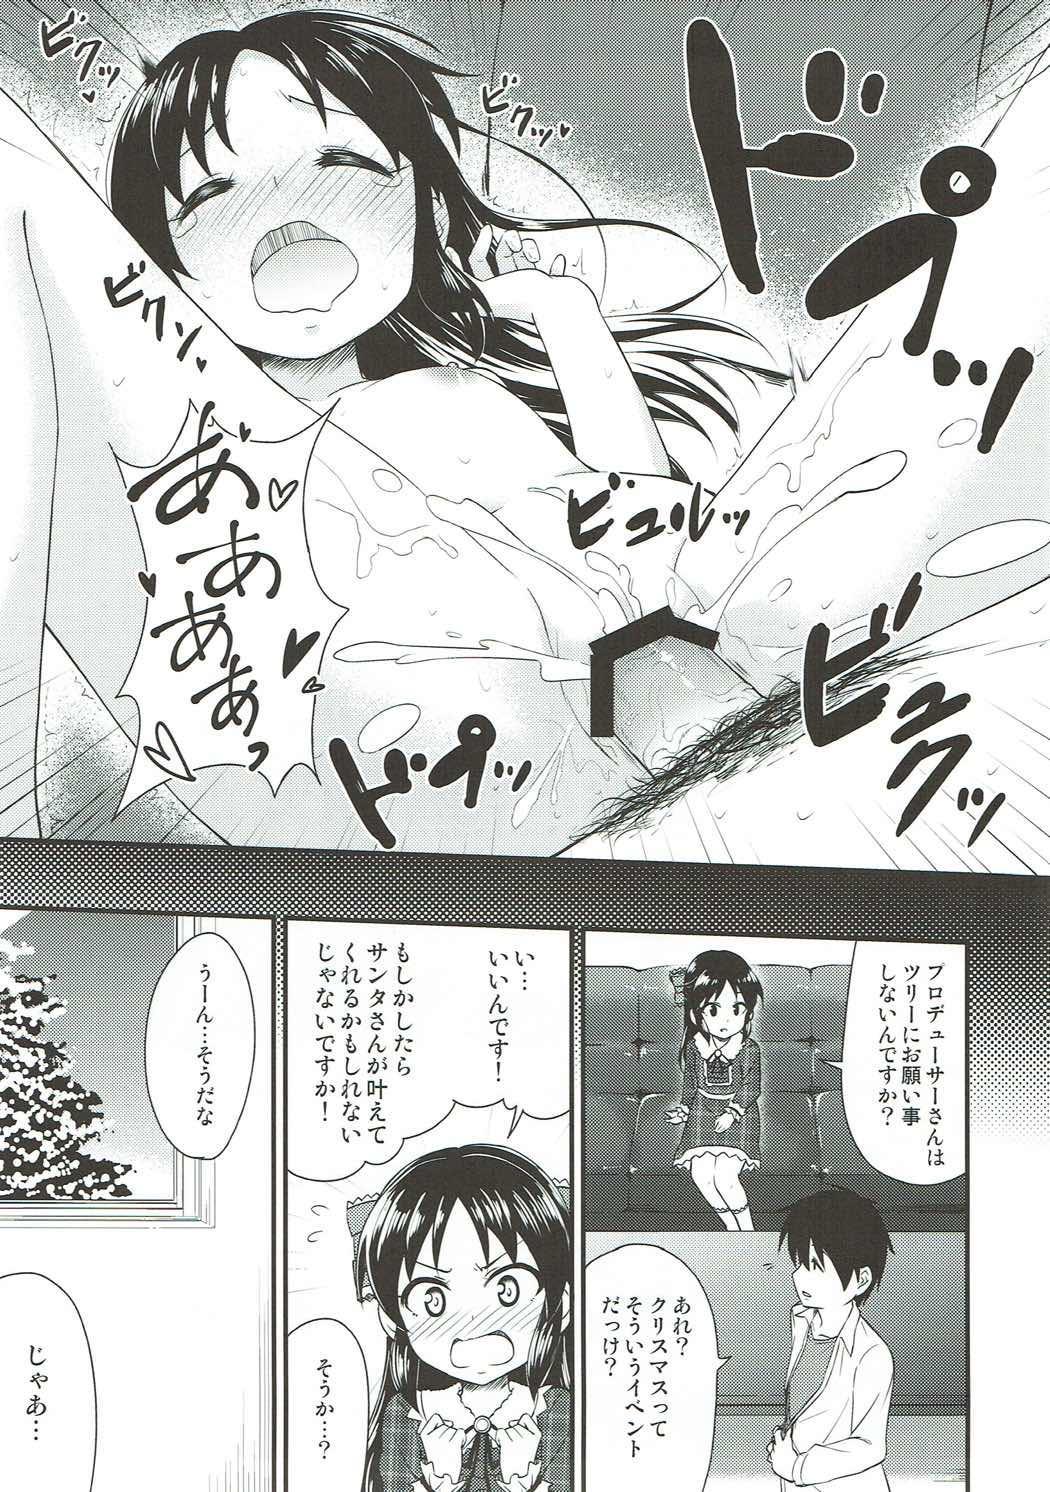 Arisu no Seiya no Negaigoto 13